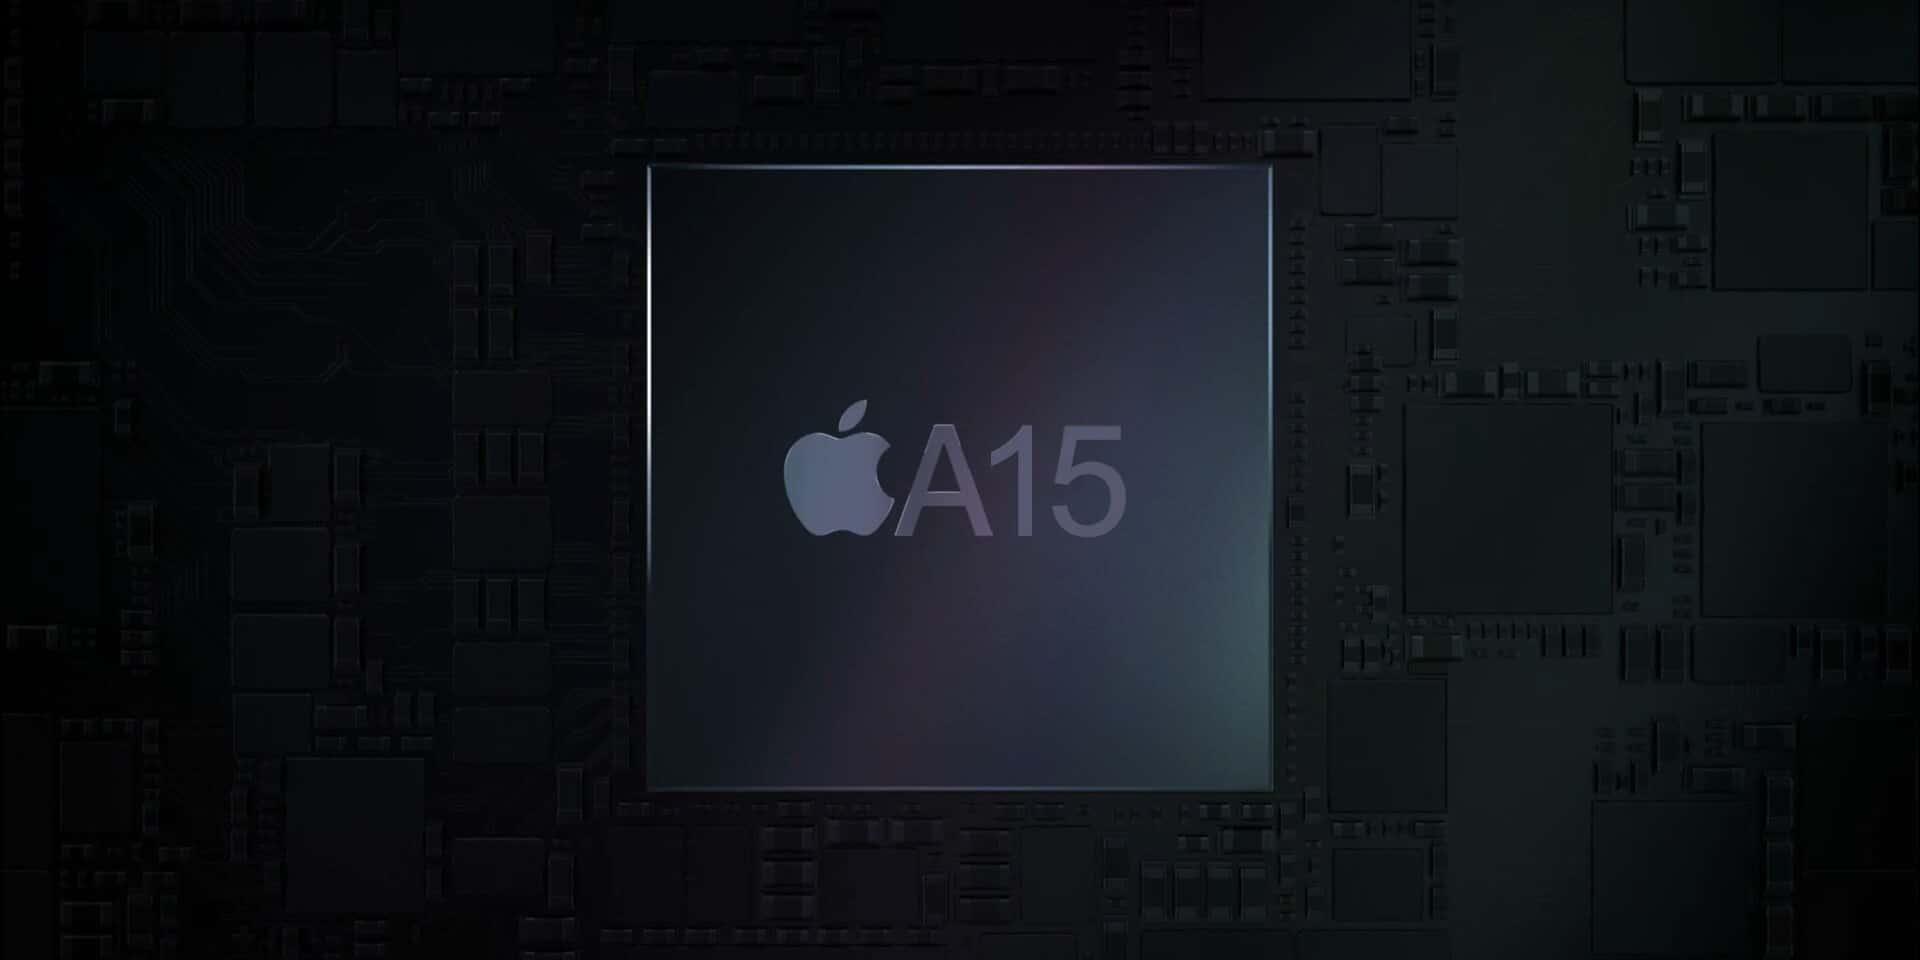 Ilustração de chip A15